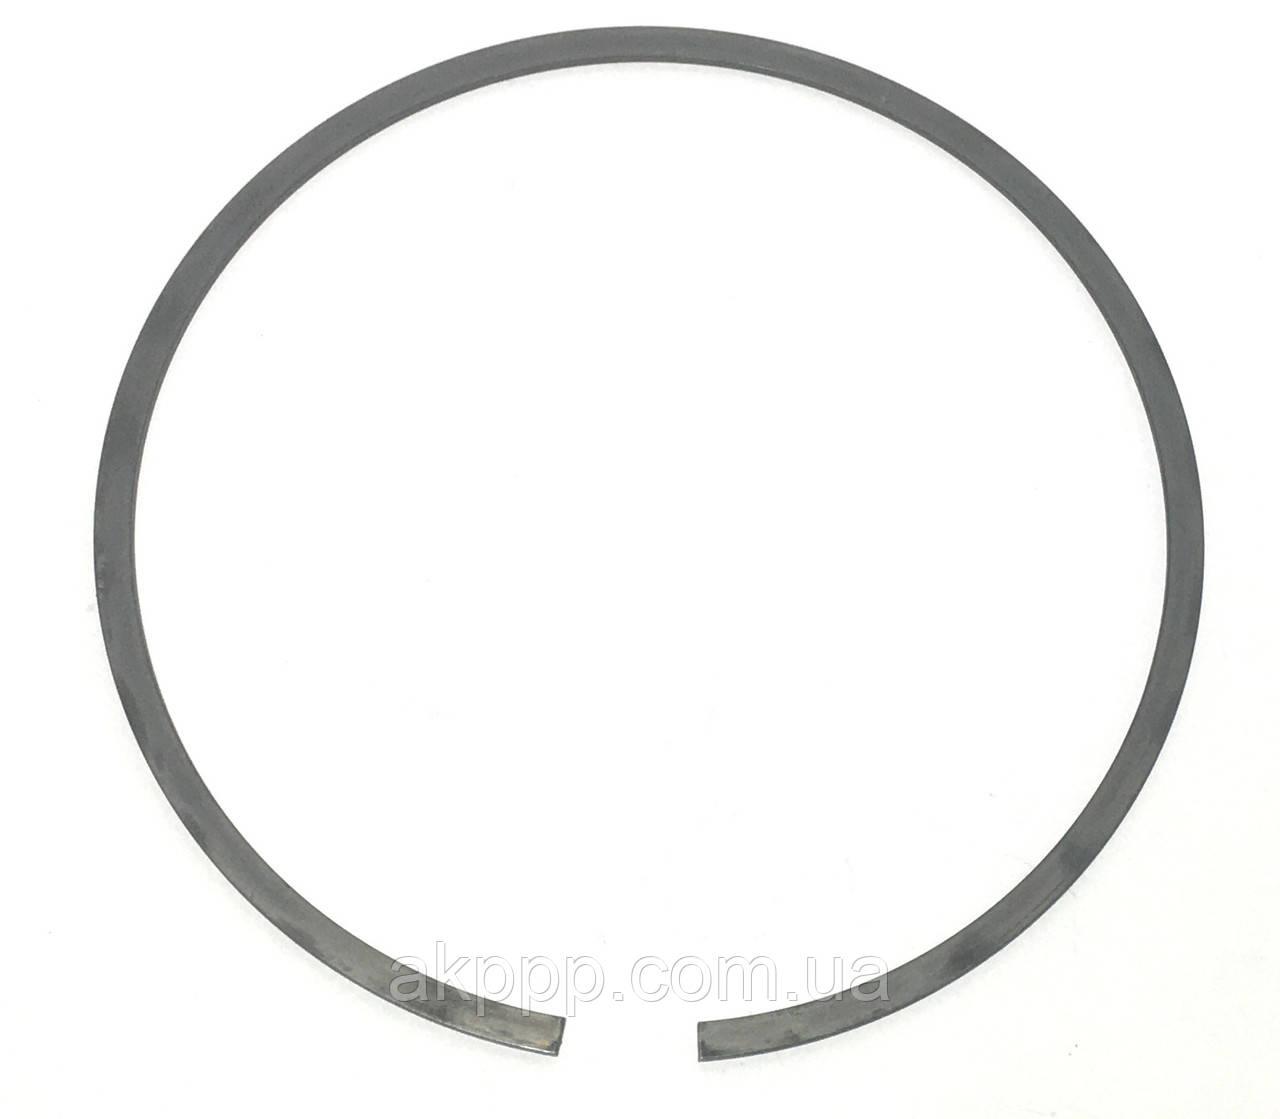 Стопорное кольцо акпп VT1/VT2 1,5 мм, снято с новой коробки